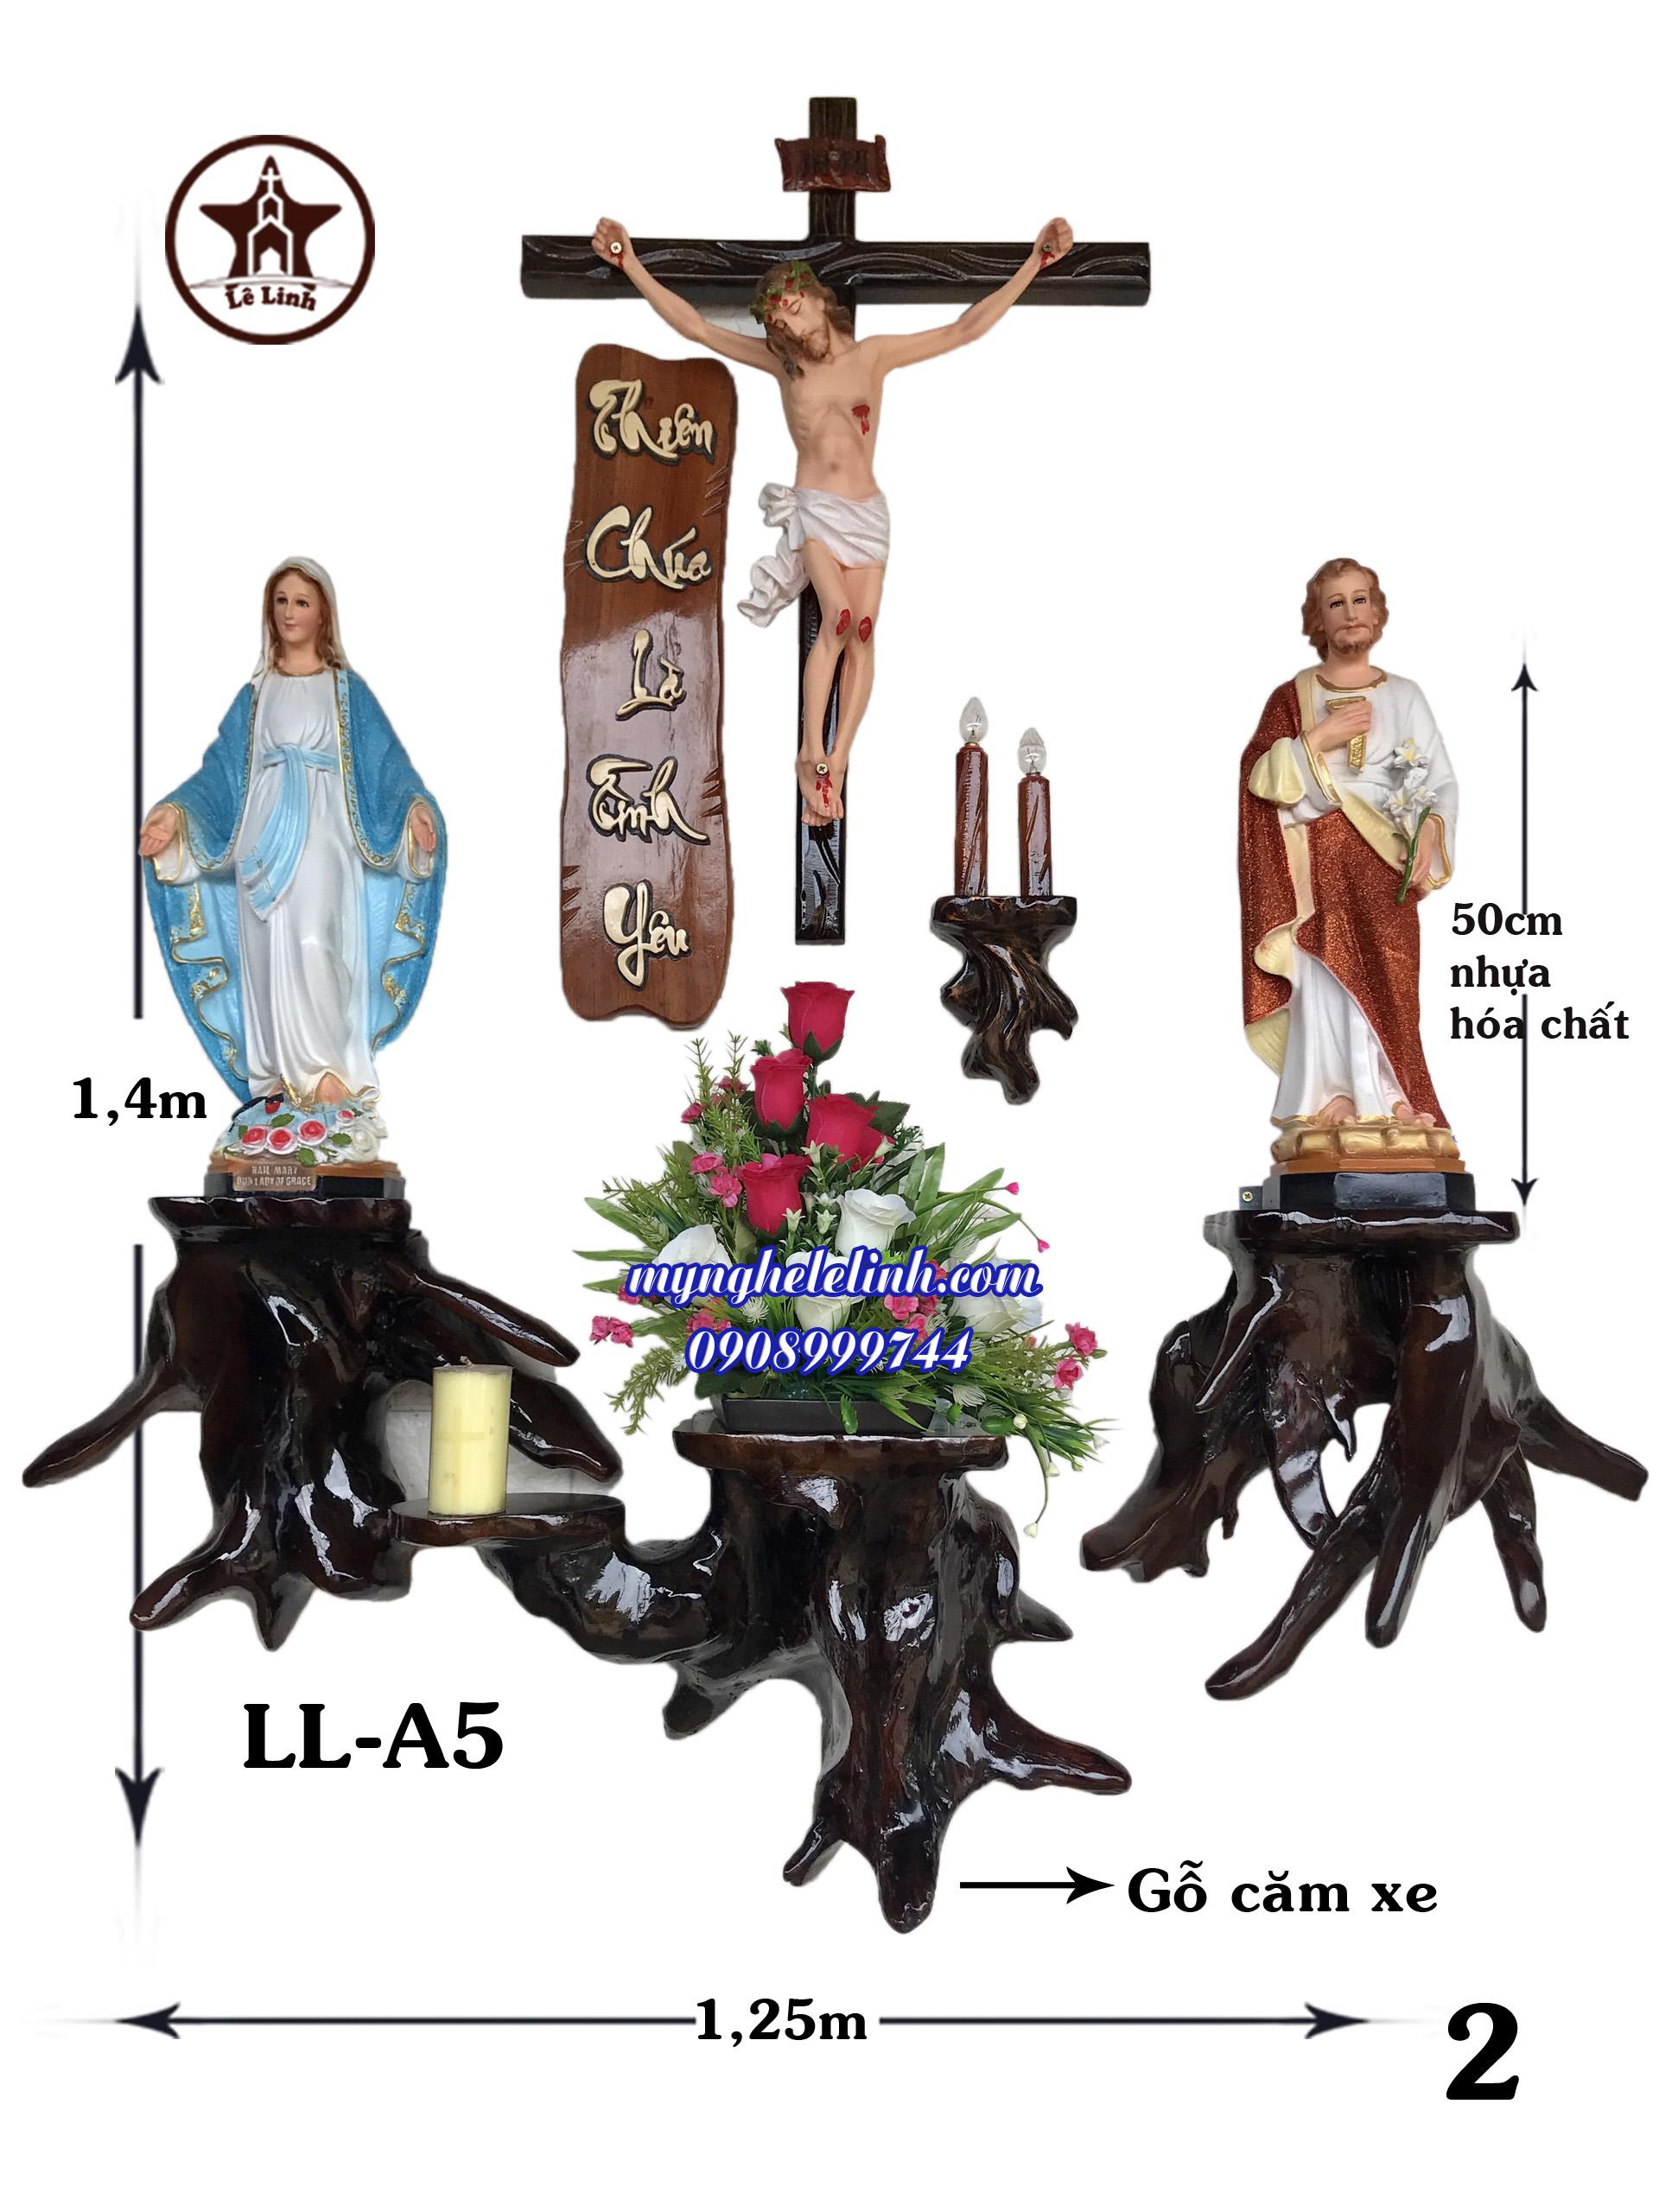 Bàn thờ công giáo LL-5A